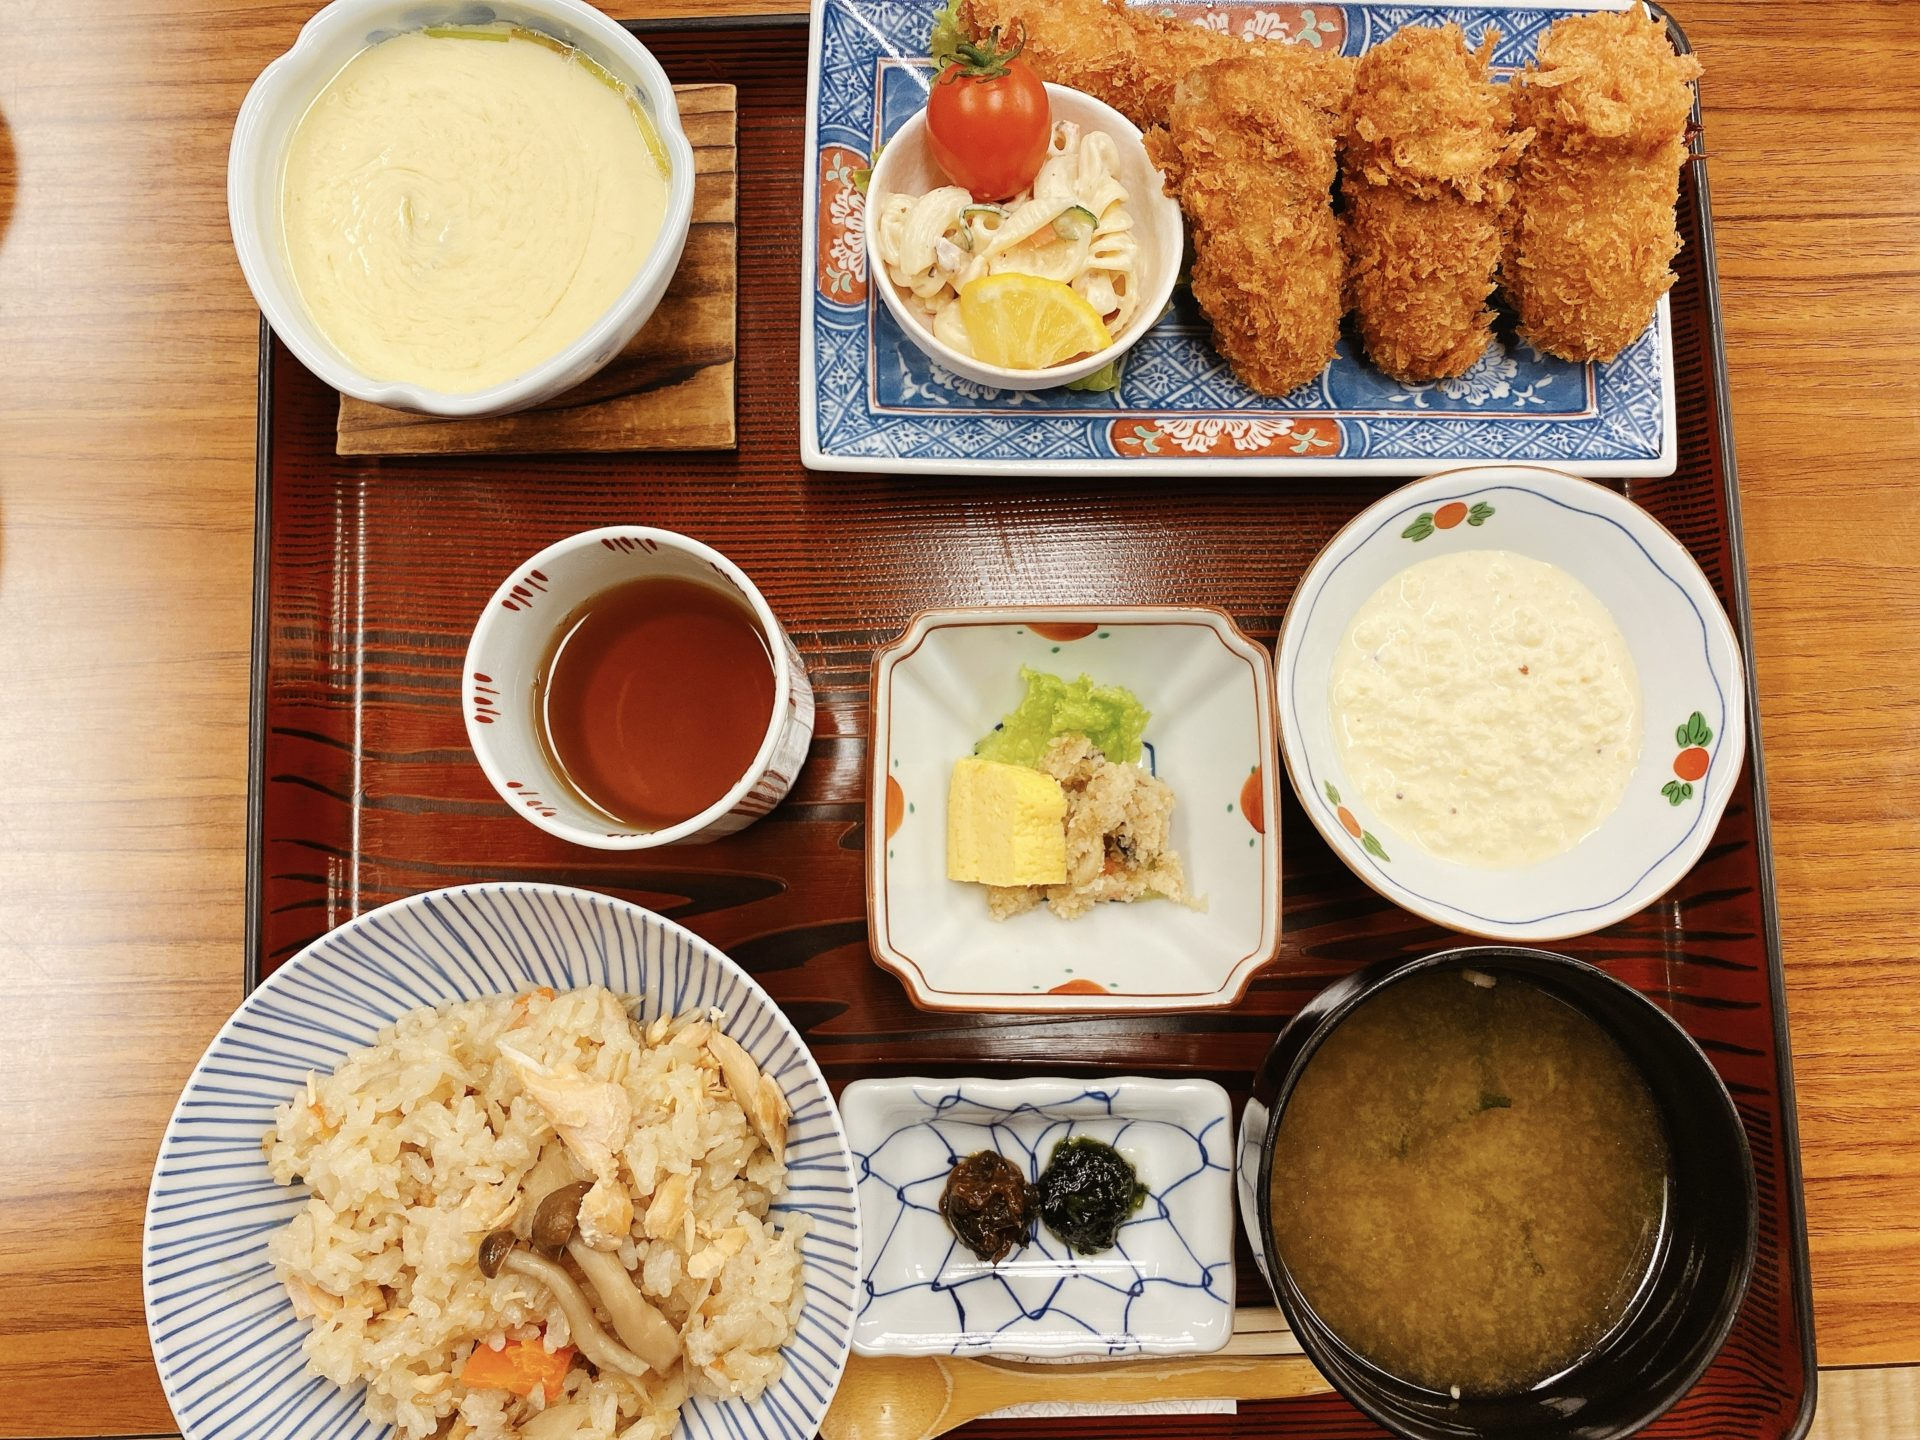 岡山市南区 和食の店【う越新(うおしん)】で食べたランチの、カキフライとエビフライとデザートのごまプリンが美味しかった!